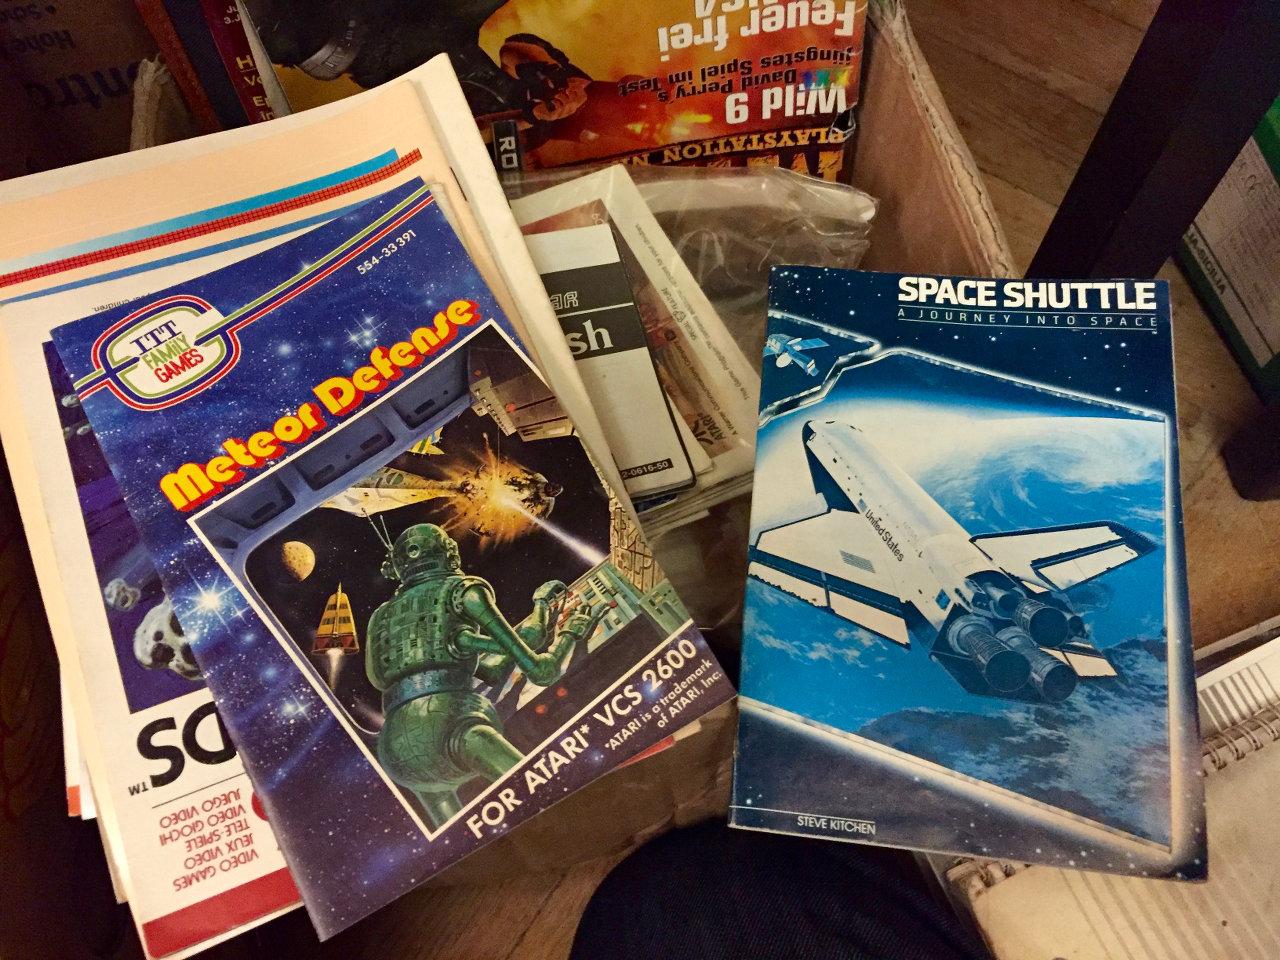 Anleitungen zu ITT-Games und dem legendären Space Shuttle von Steve Kitchen. (Bild: André Eymann)